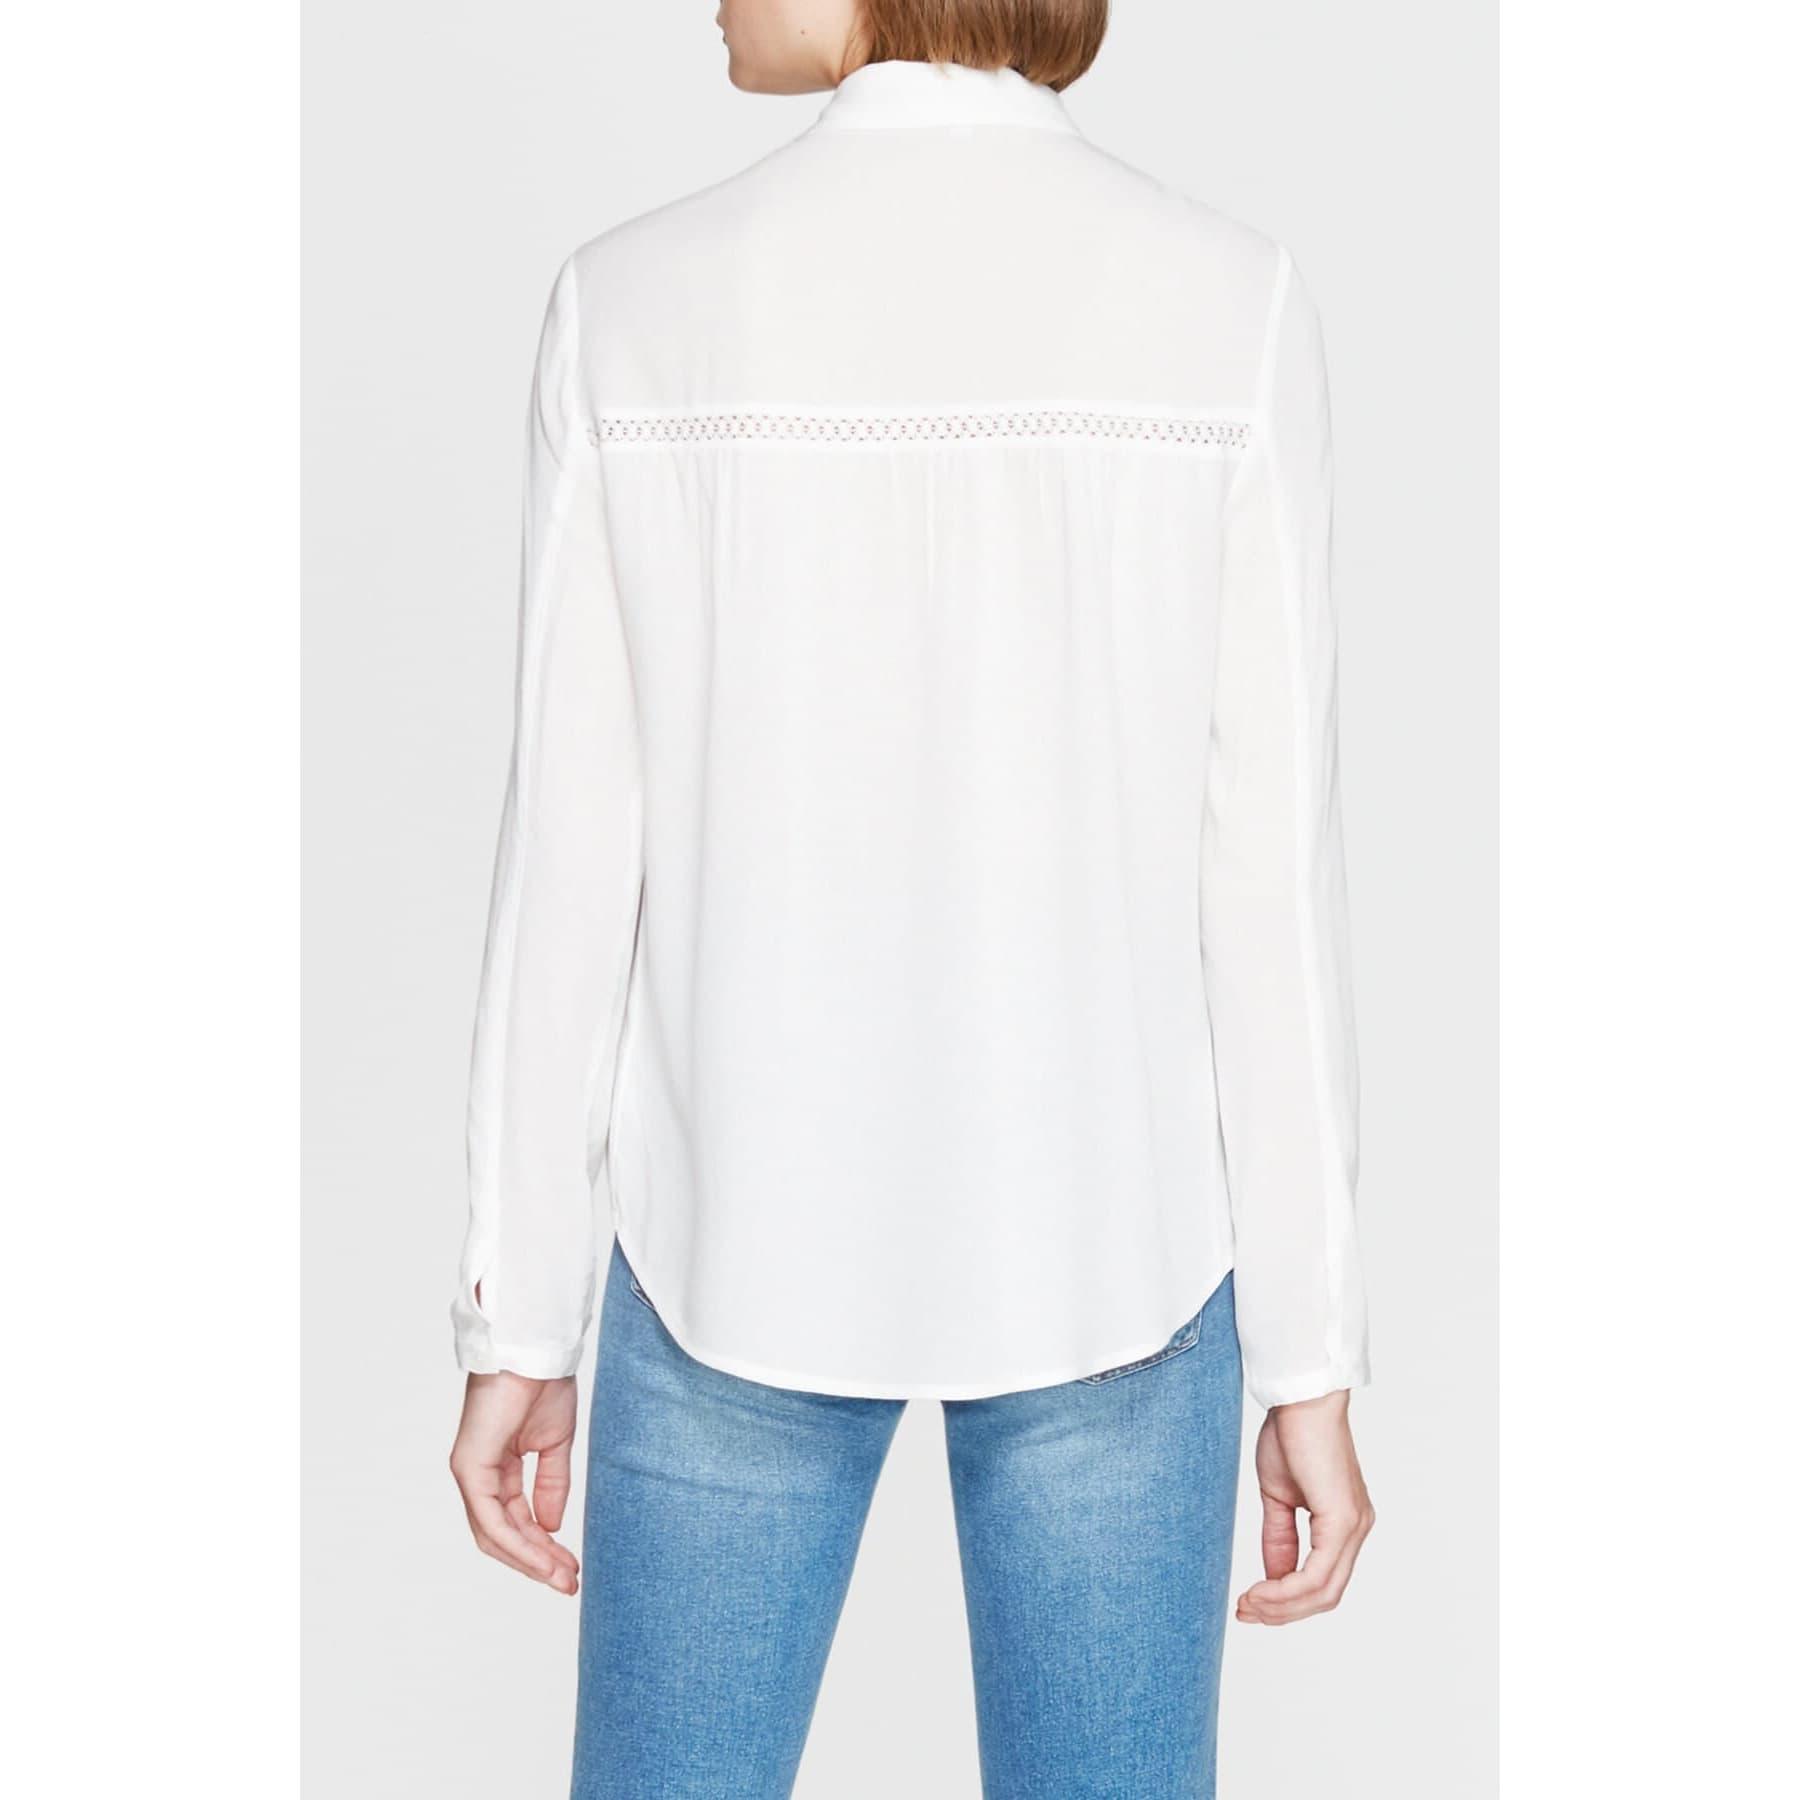 Mavi Jeans Kadın Dantel Detaylı Beyaz Gömlek